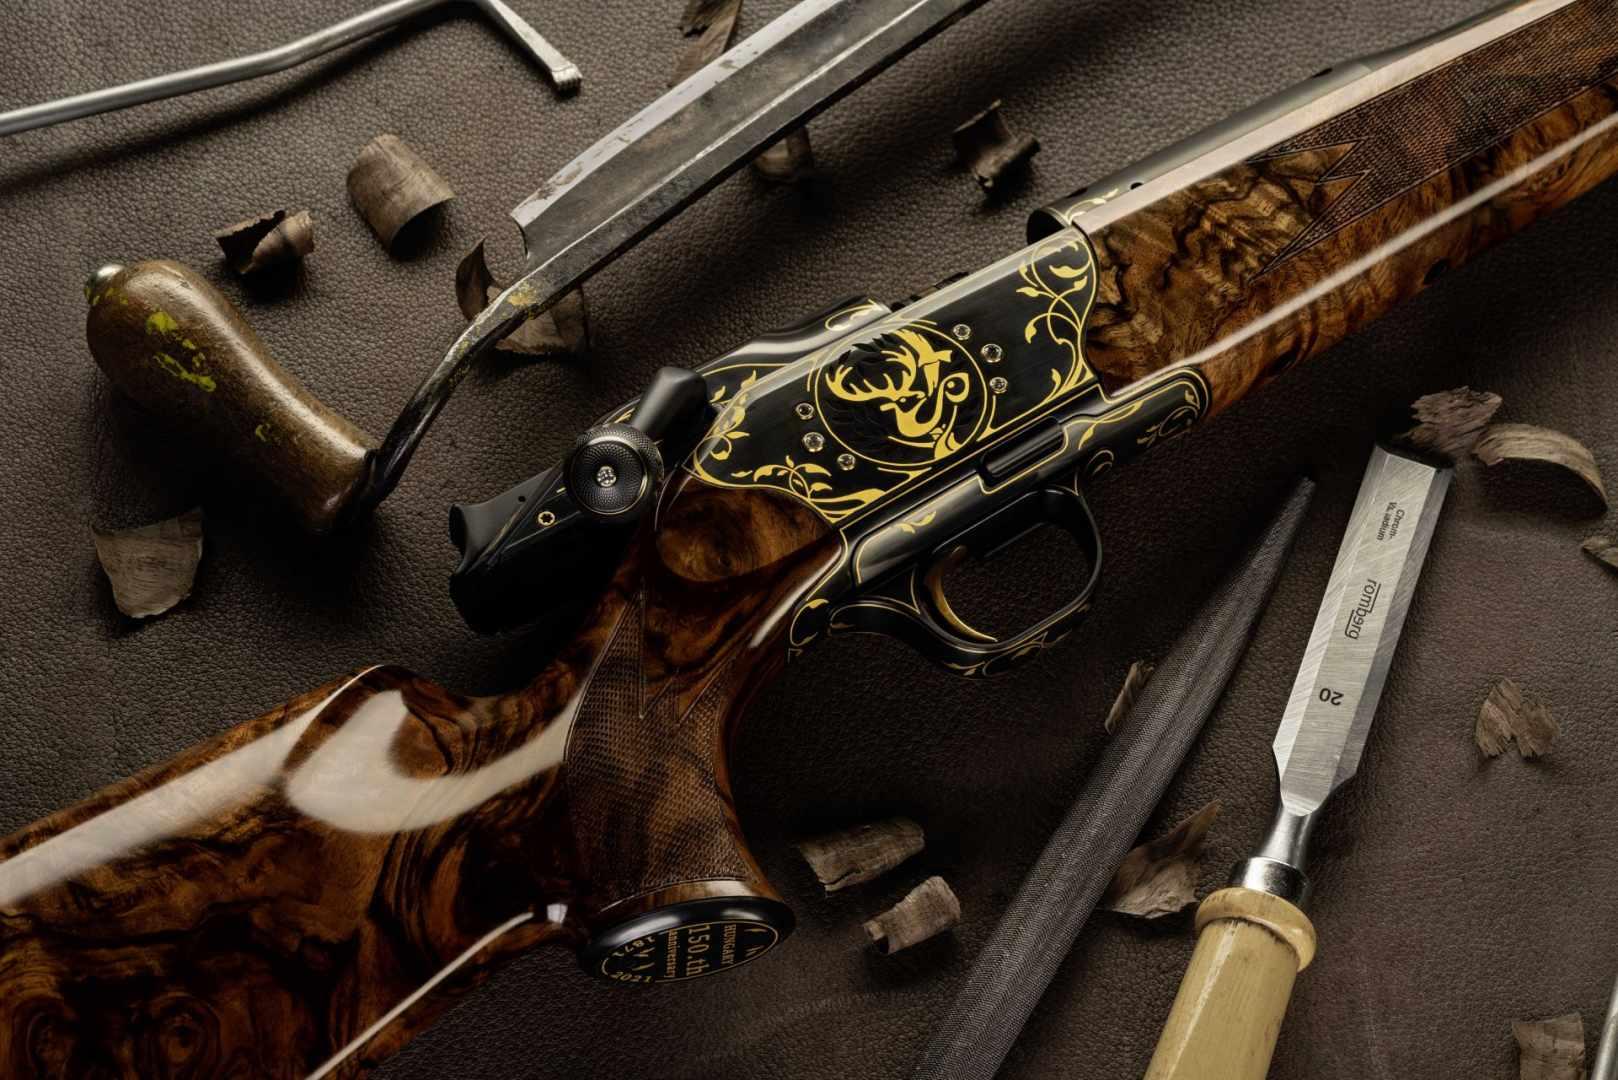 Tökéletesség és maximális funkcionalitás – Licitáljon az R8 OWN vadászpuskára!